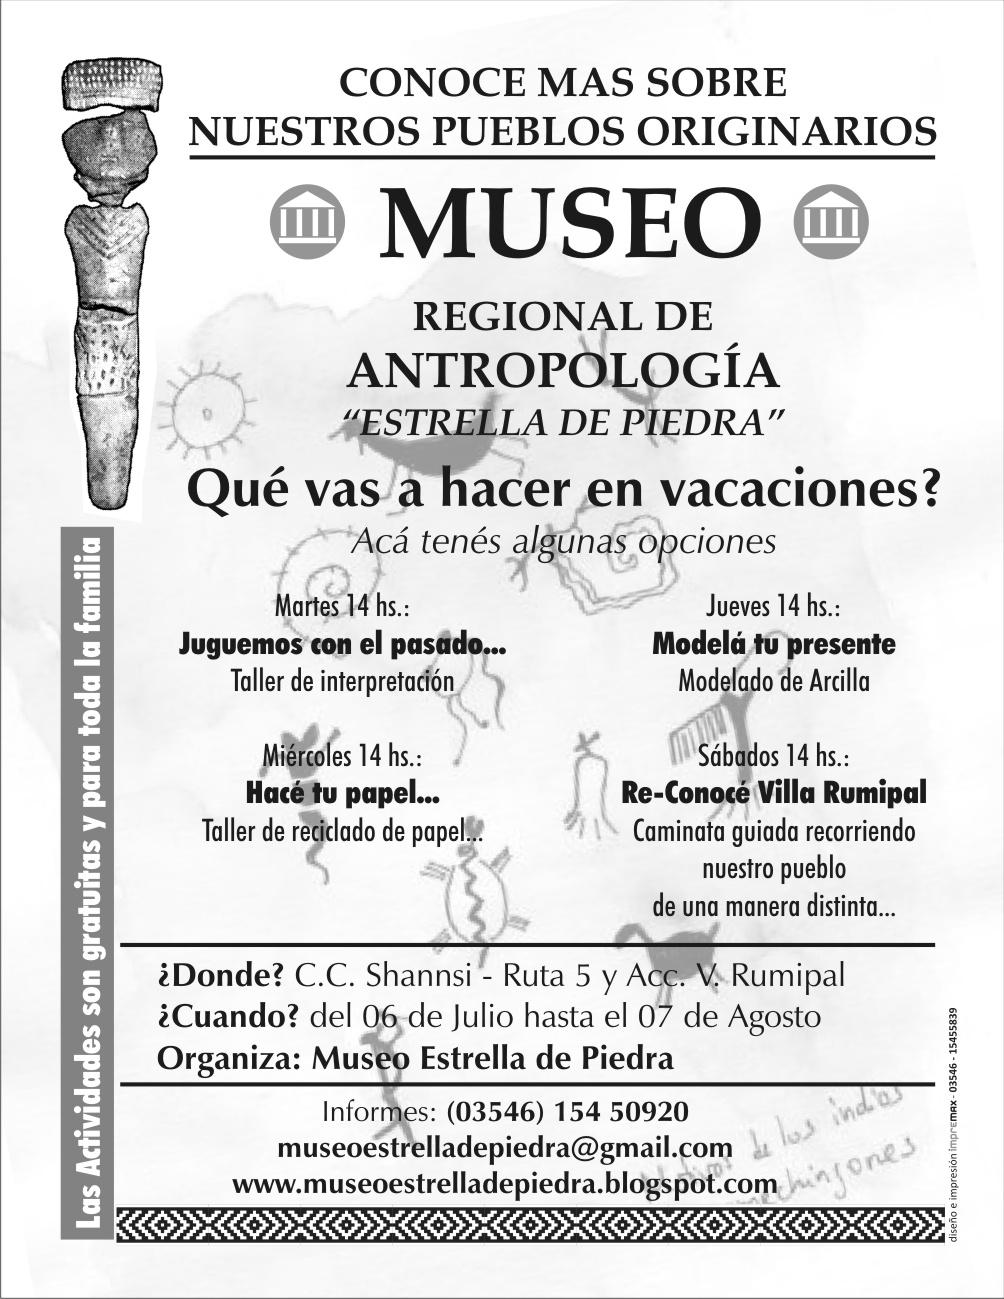 Red de museos de calamuchita que hacer en vacaciones - Que hacer en vacaciones ...